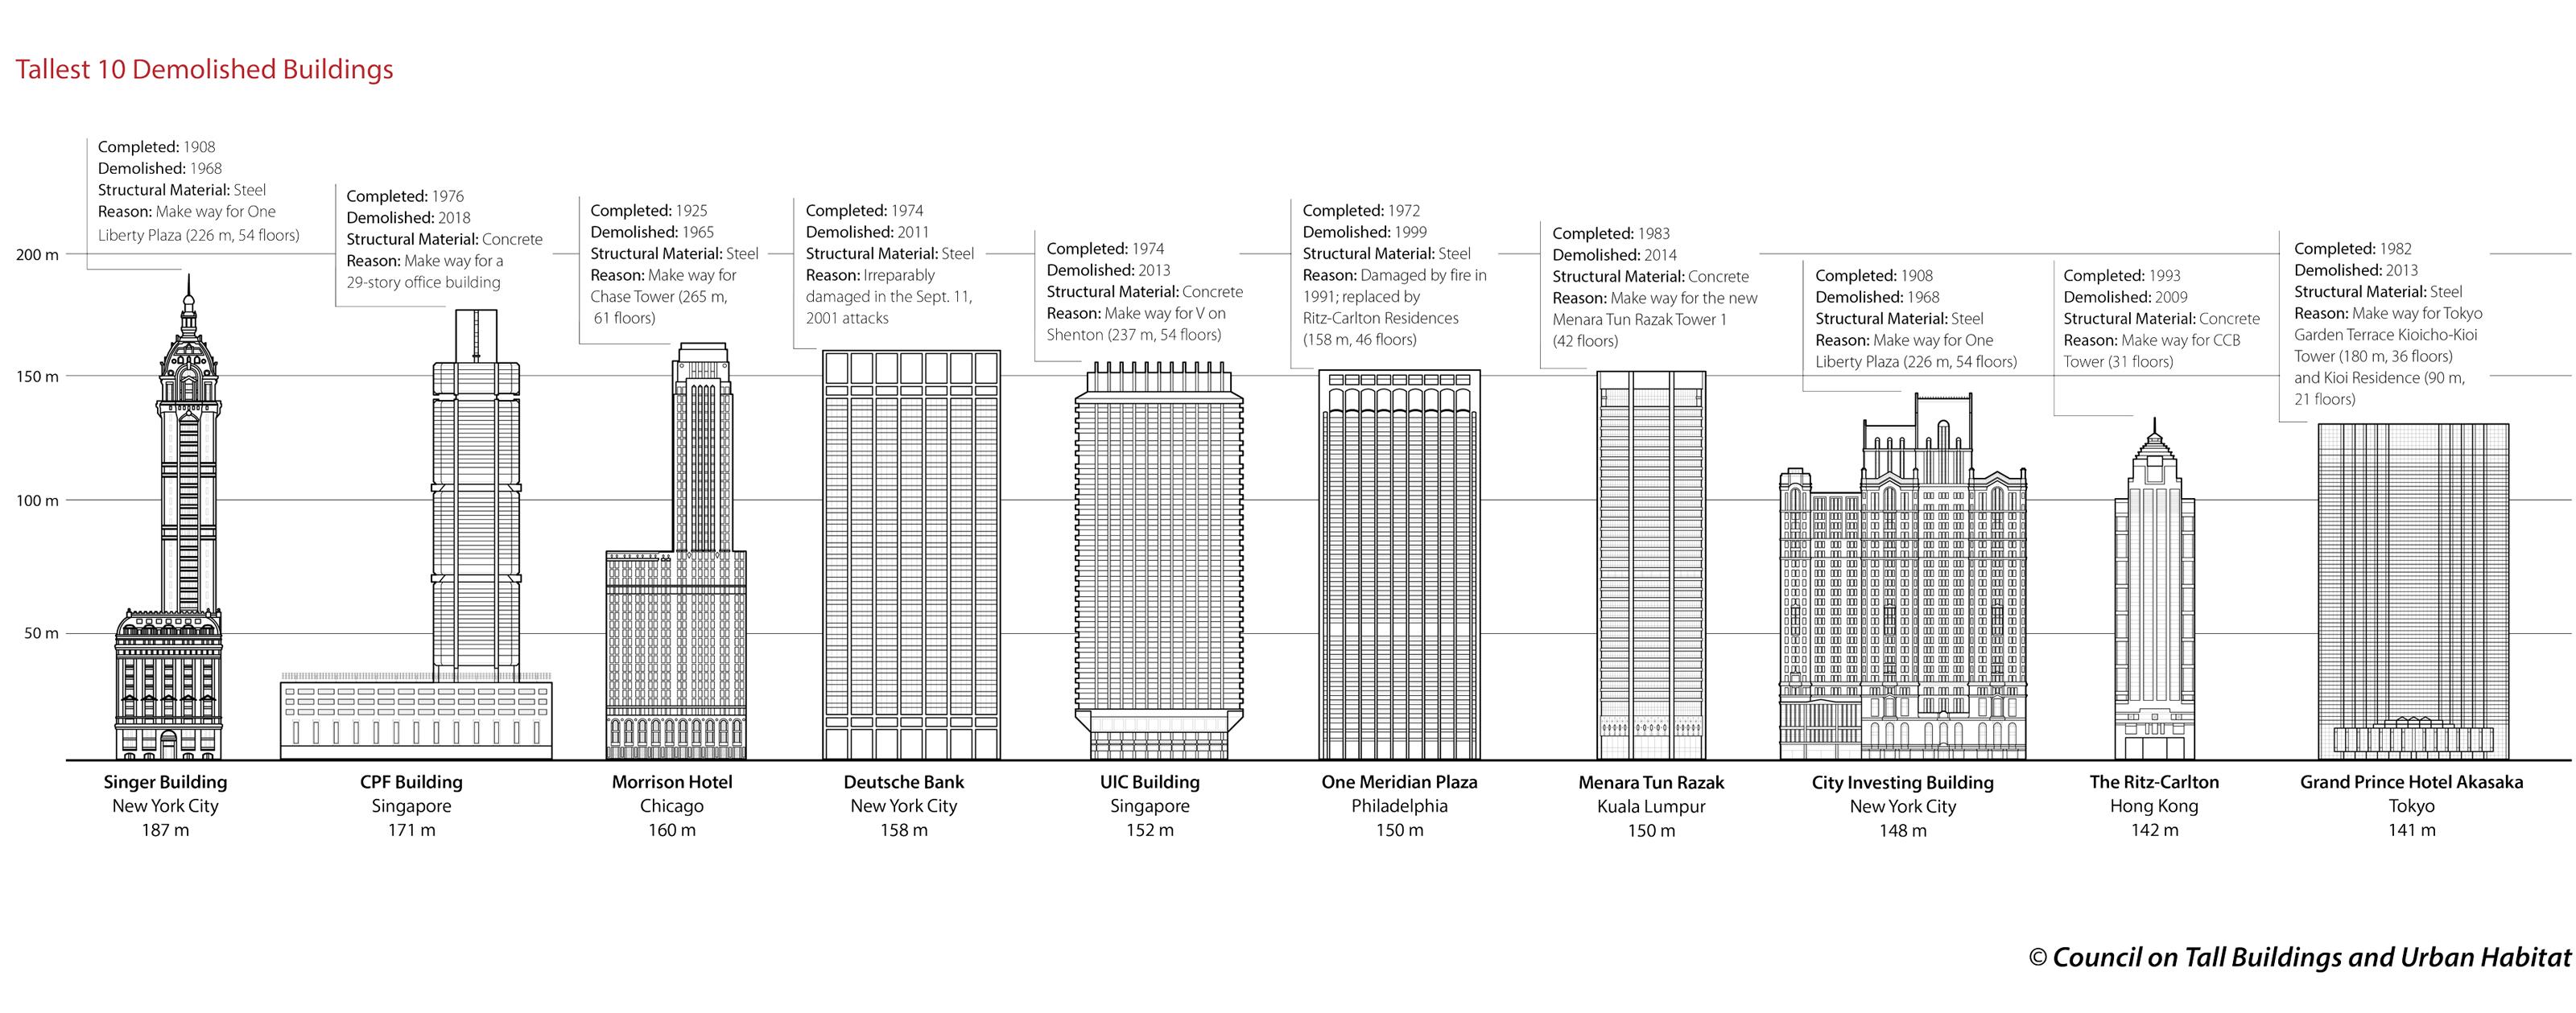 WPJ News   Tallest-Demolished-Buildings